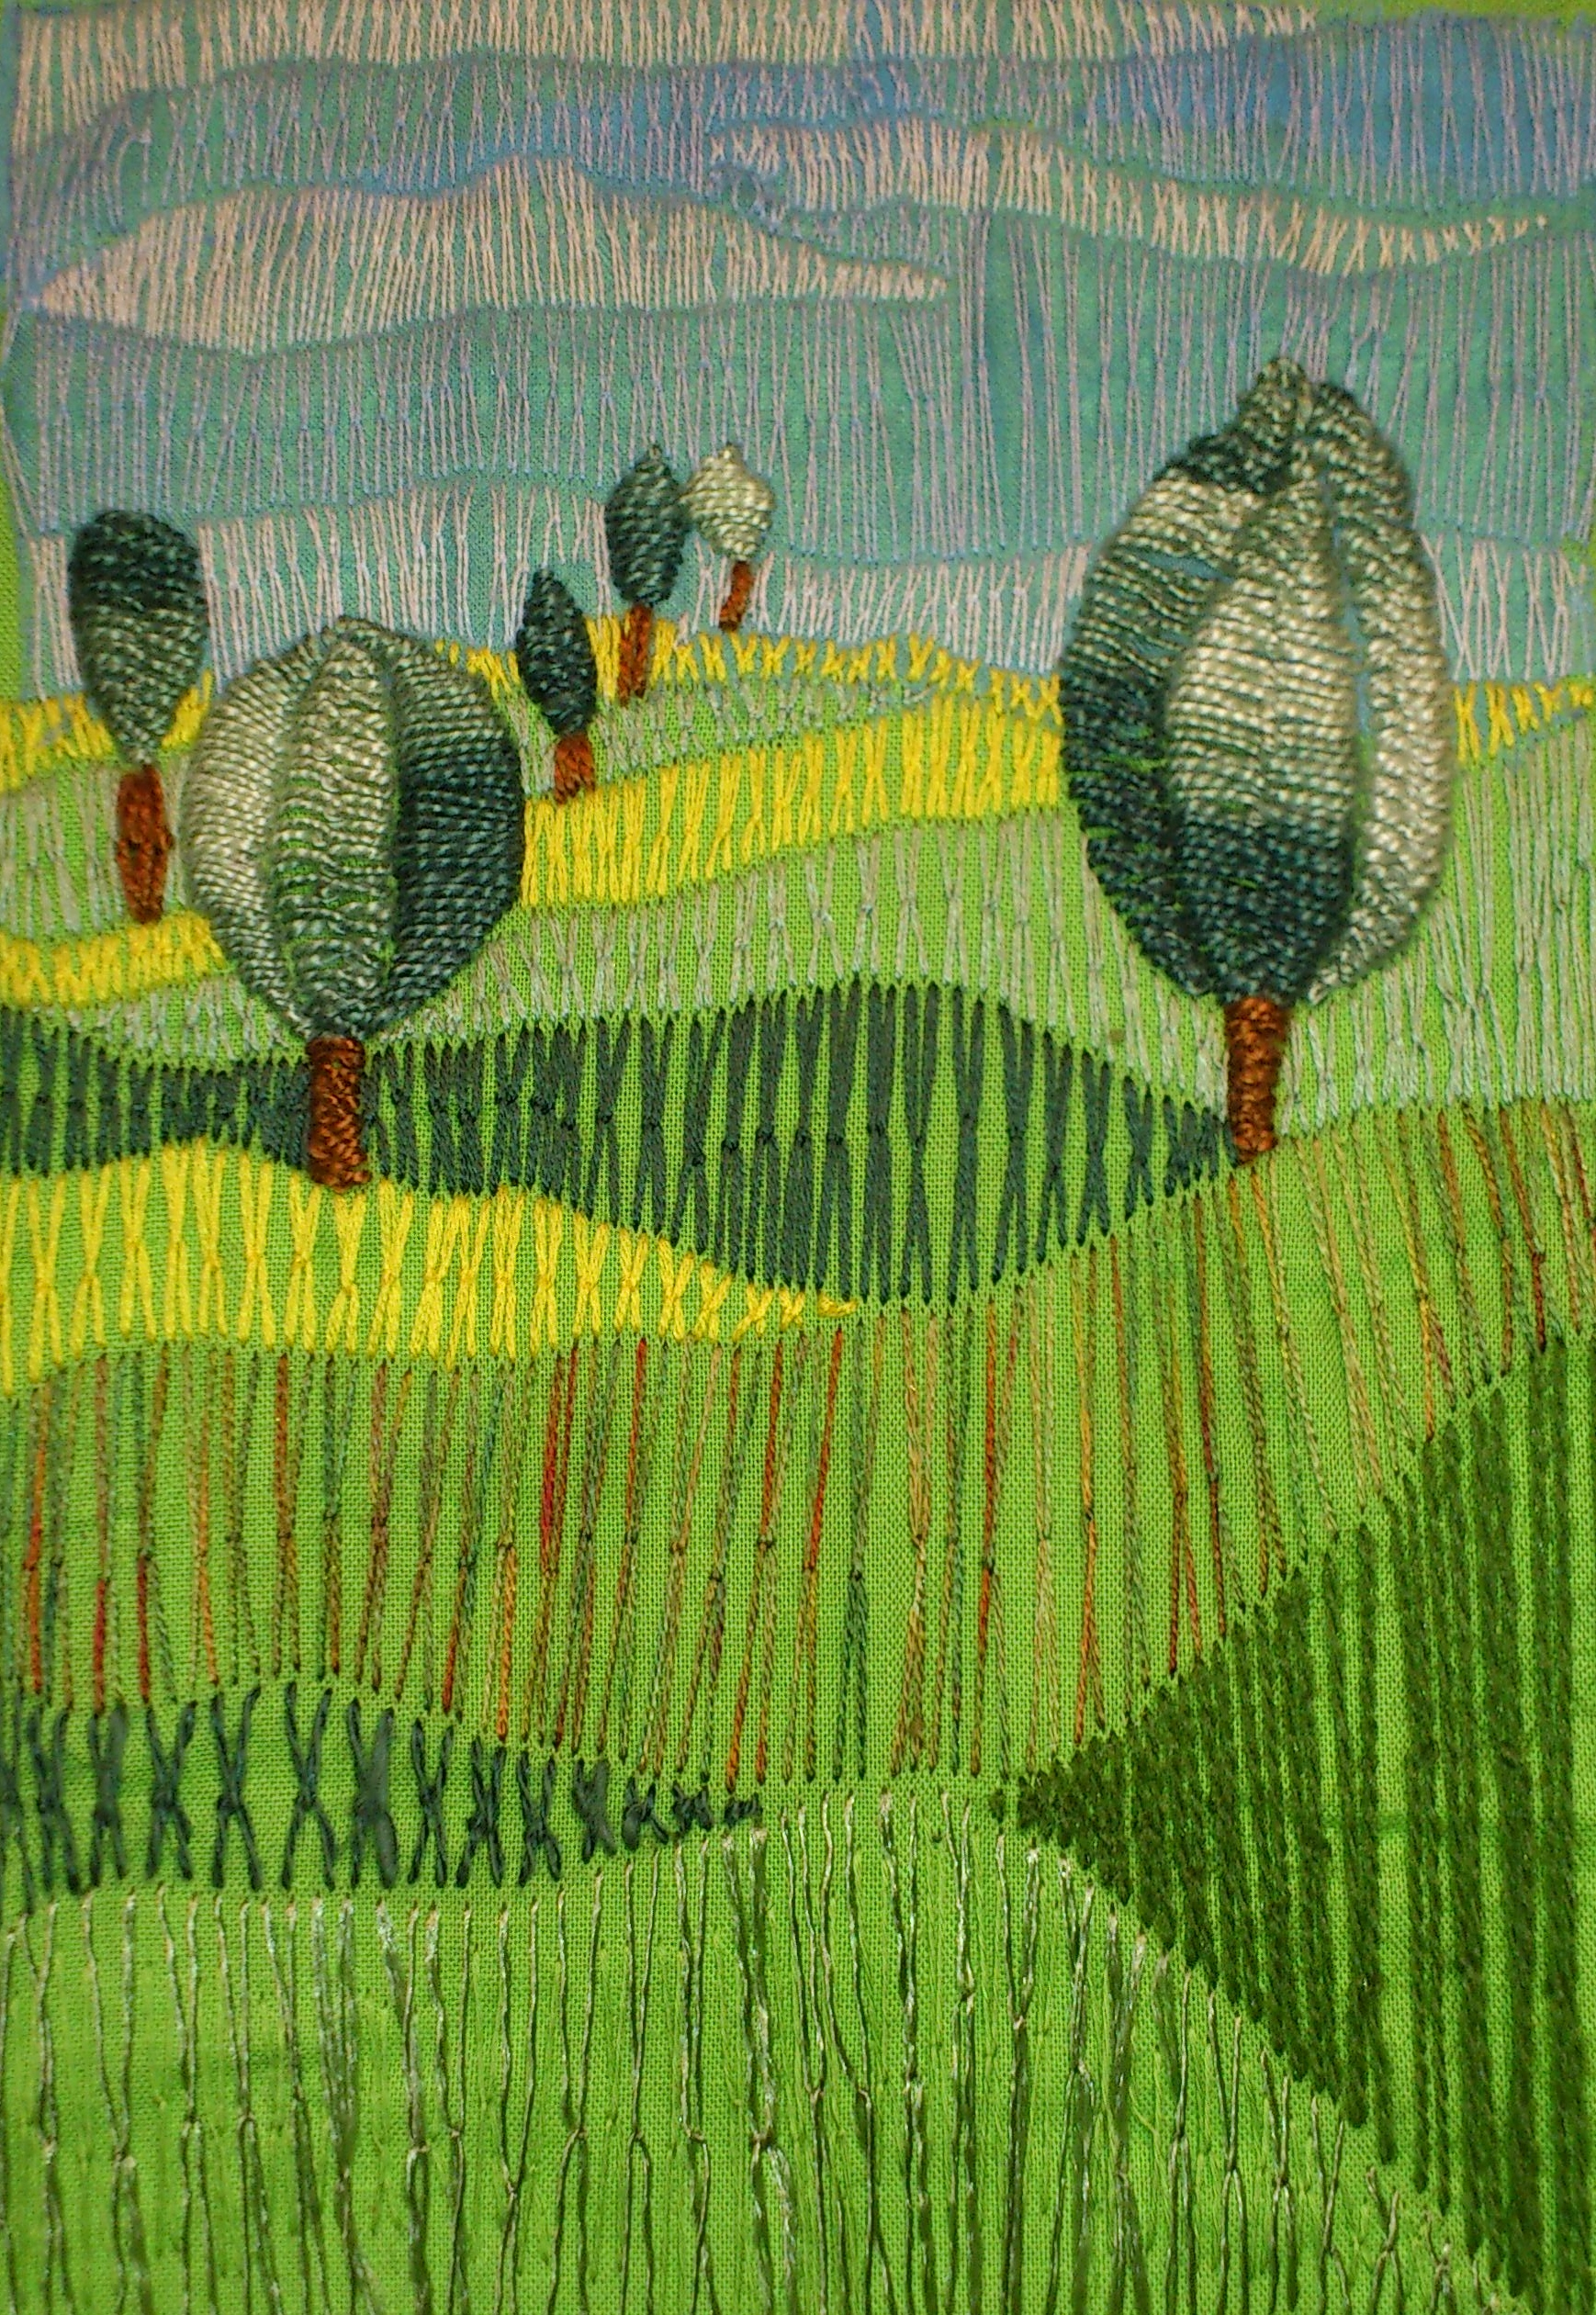 Yellow Meadow (detail), Dee Kelly, element15